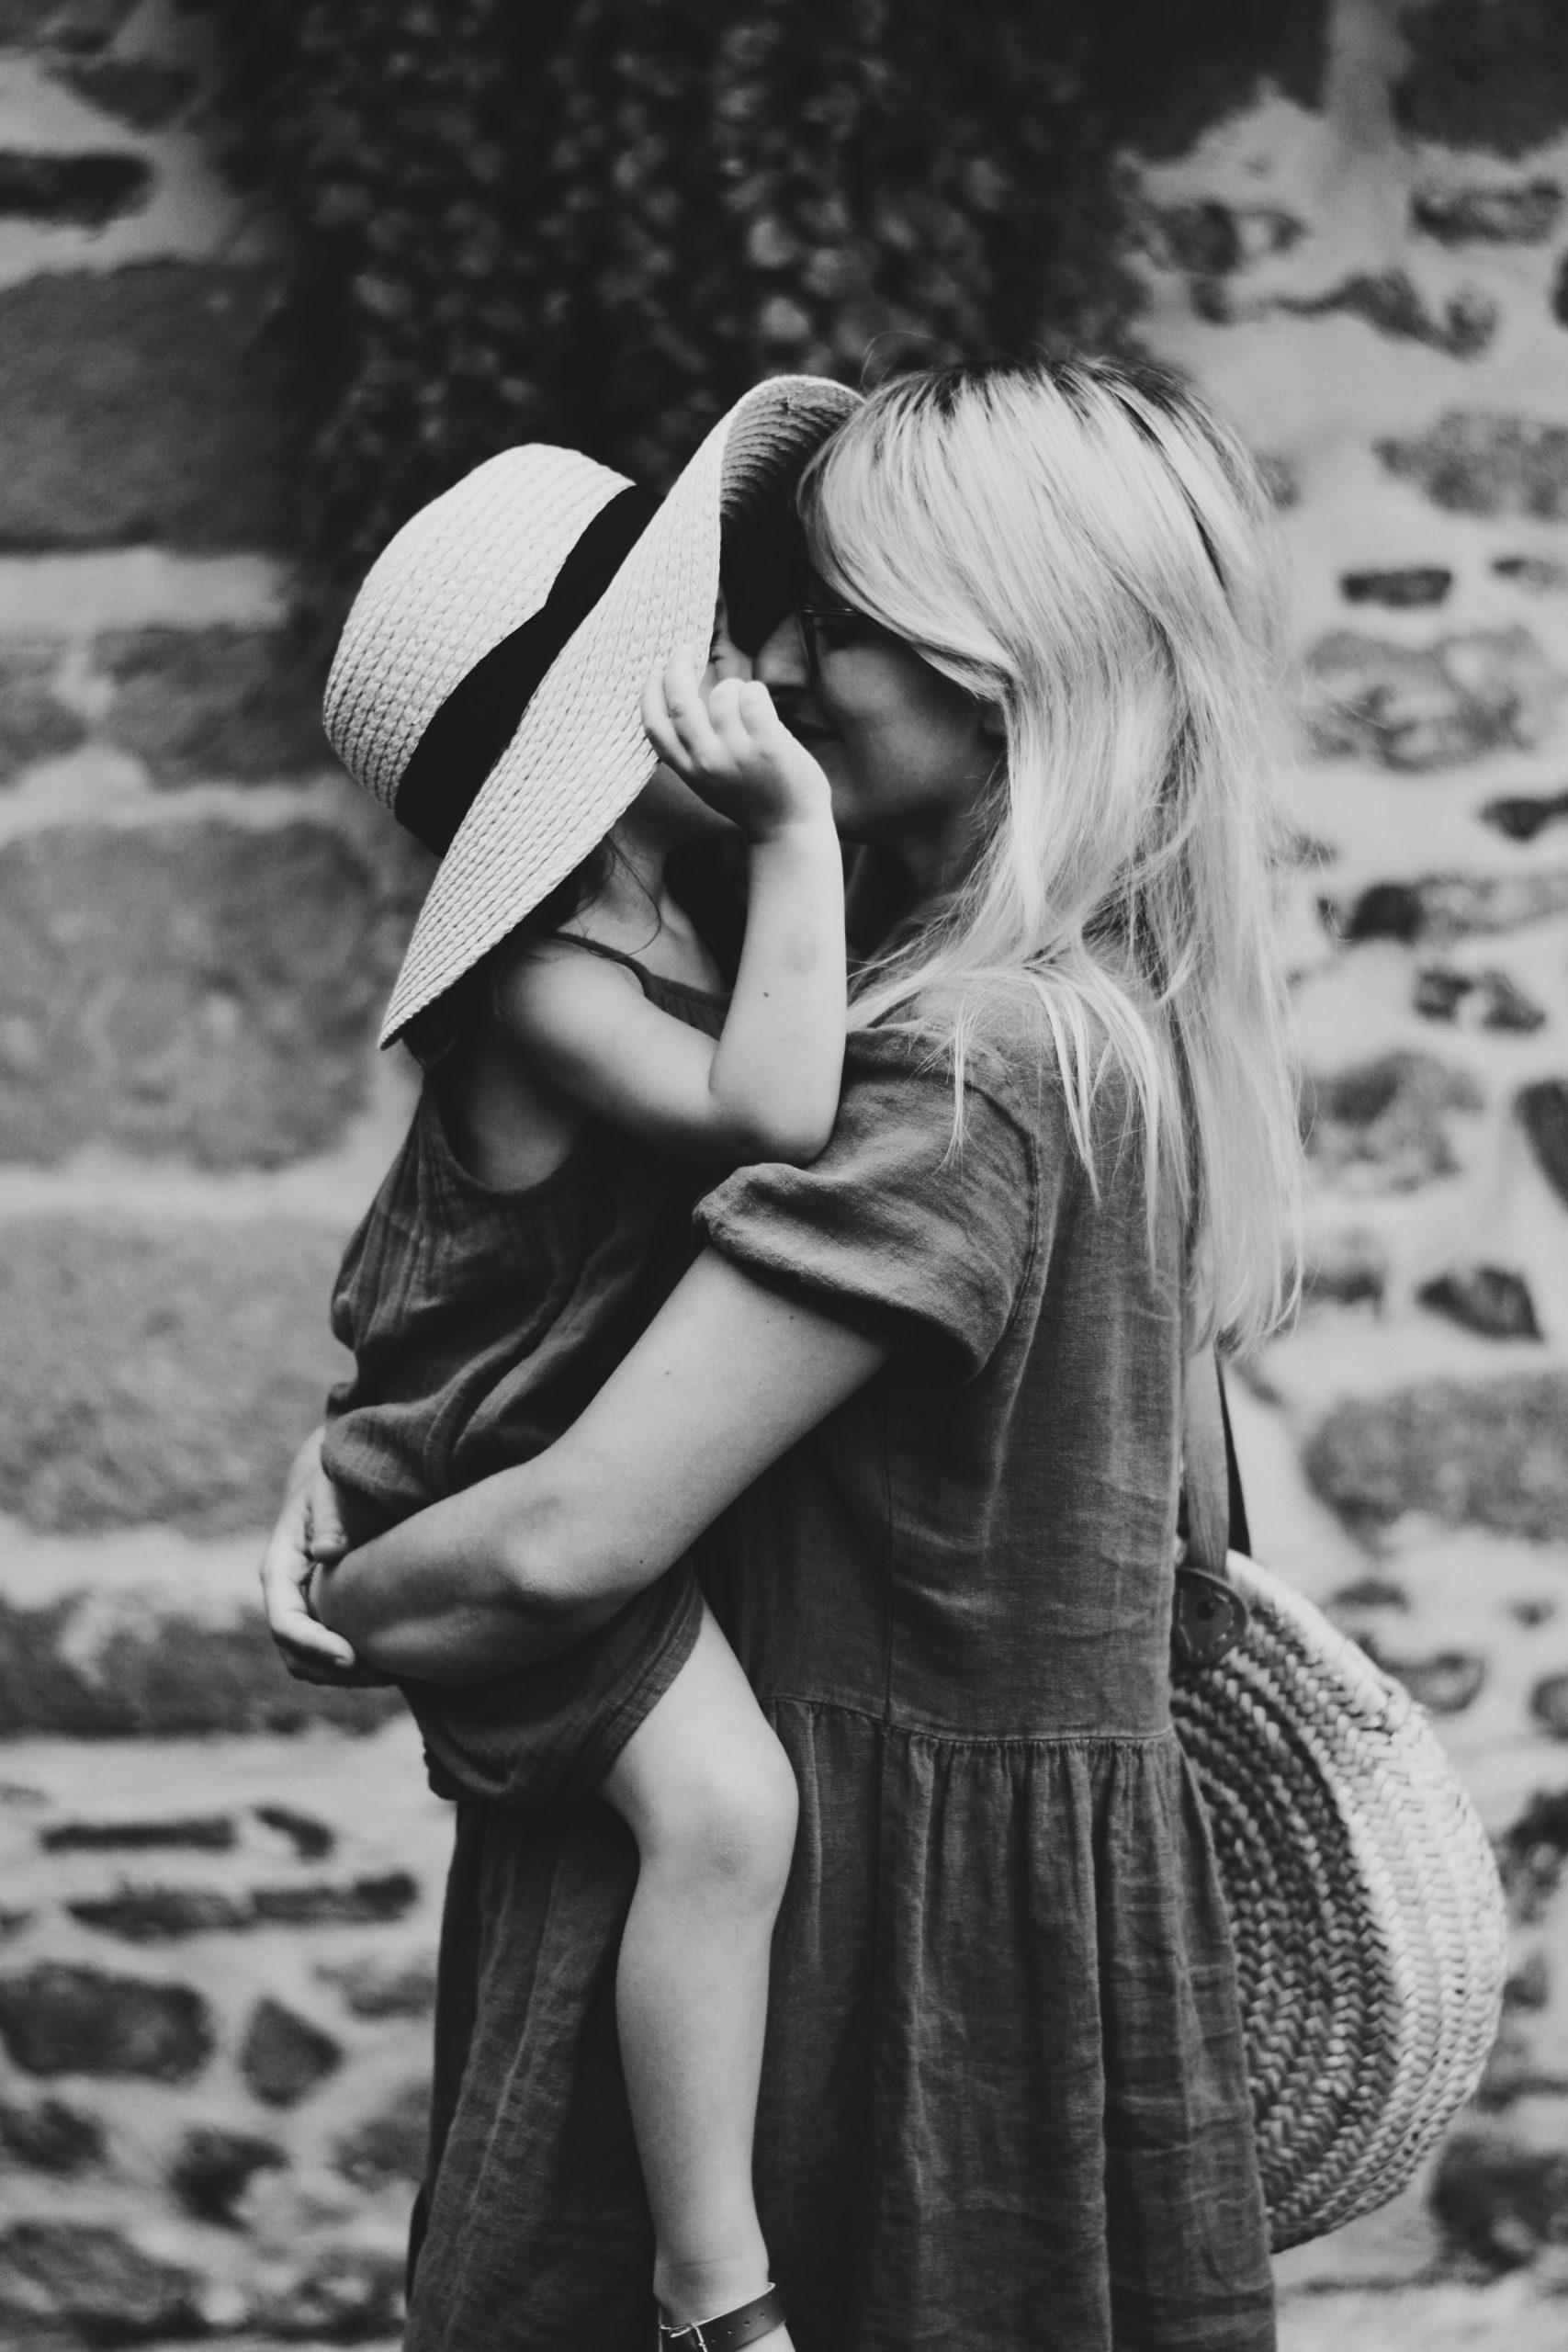 Stijladvies voor Moeders! Deel 3: Outfittips voor het eerste jaar!